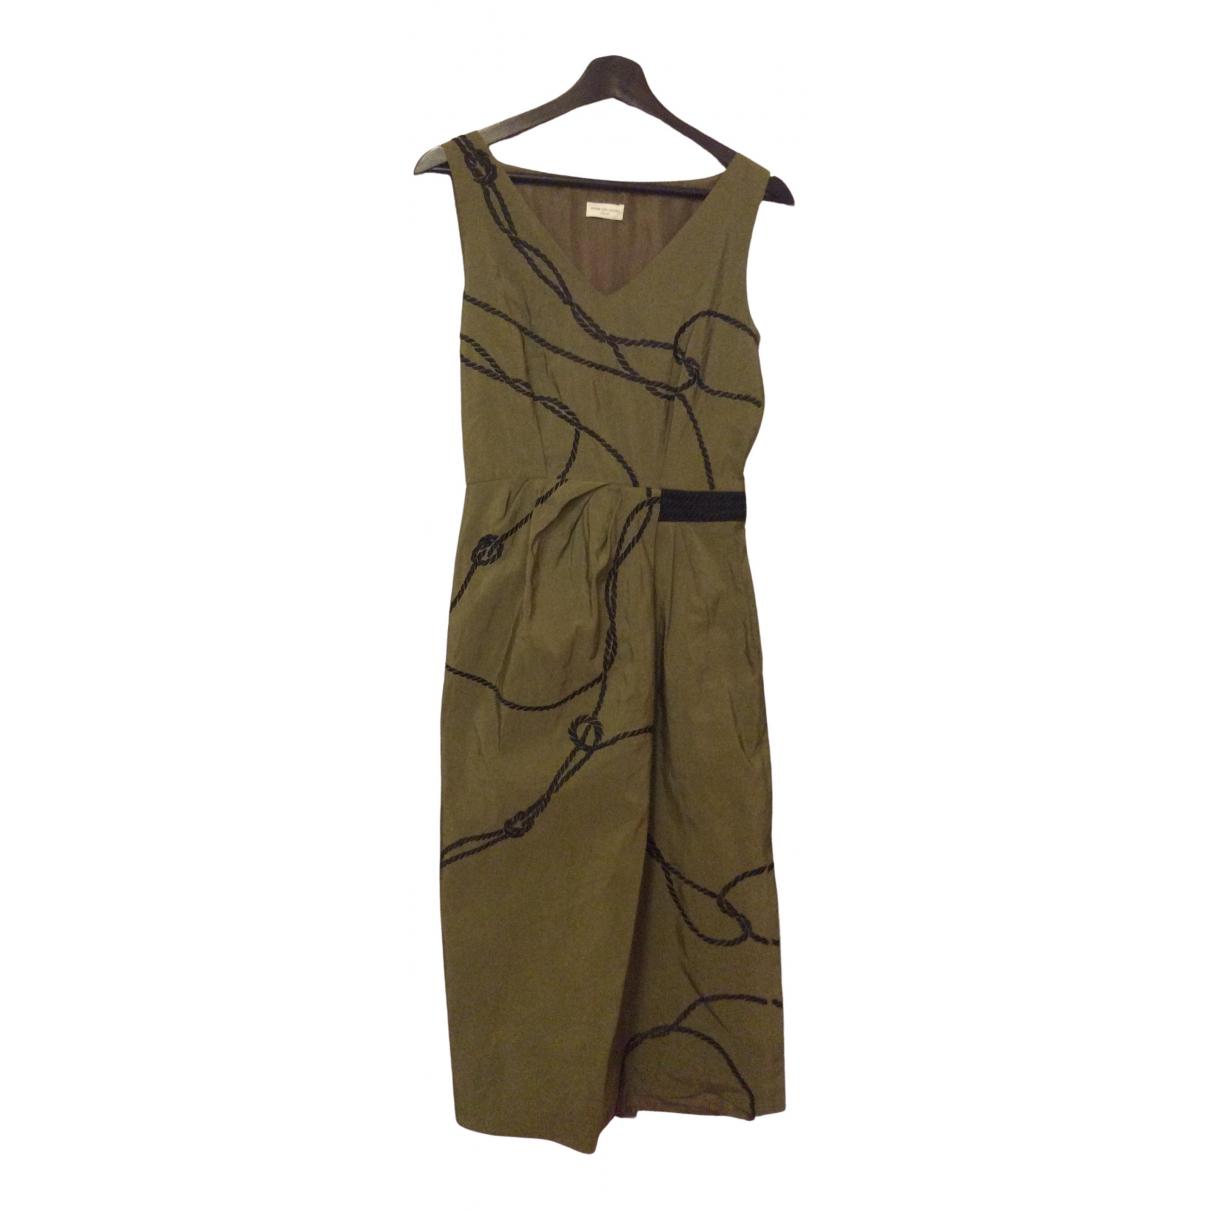 Dries Van Noten \N Green Cotton dress for Women 36 FR